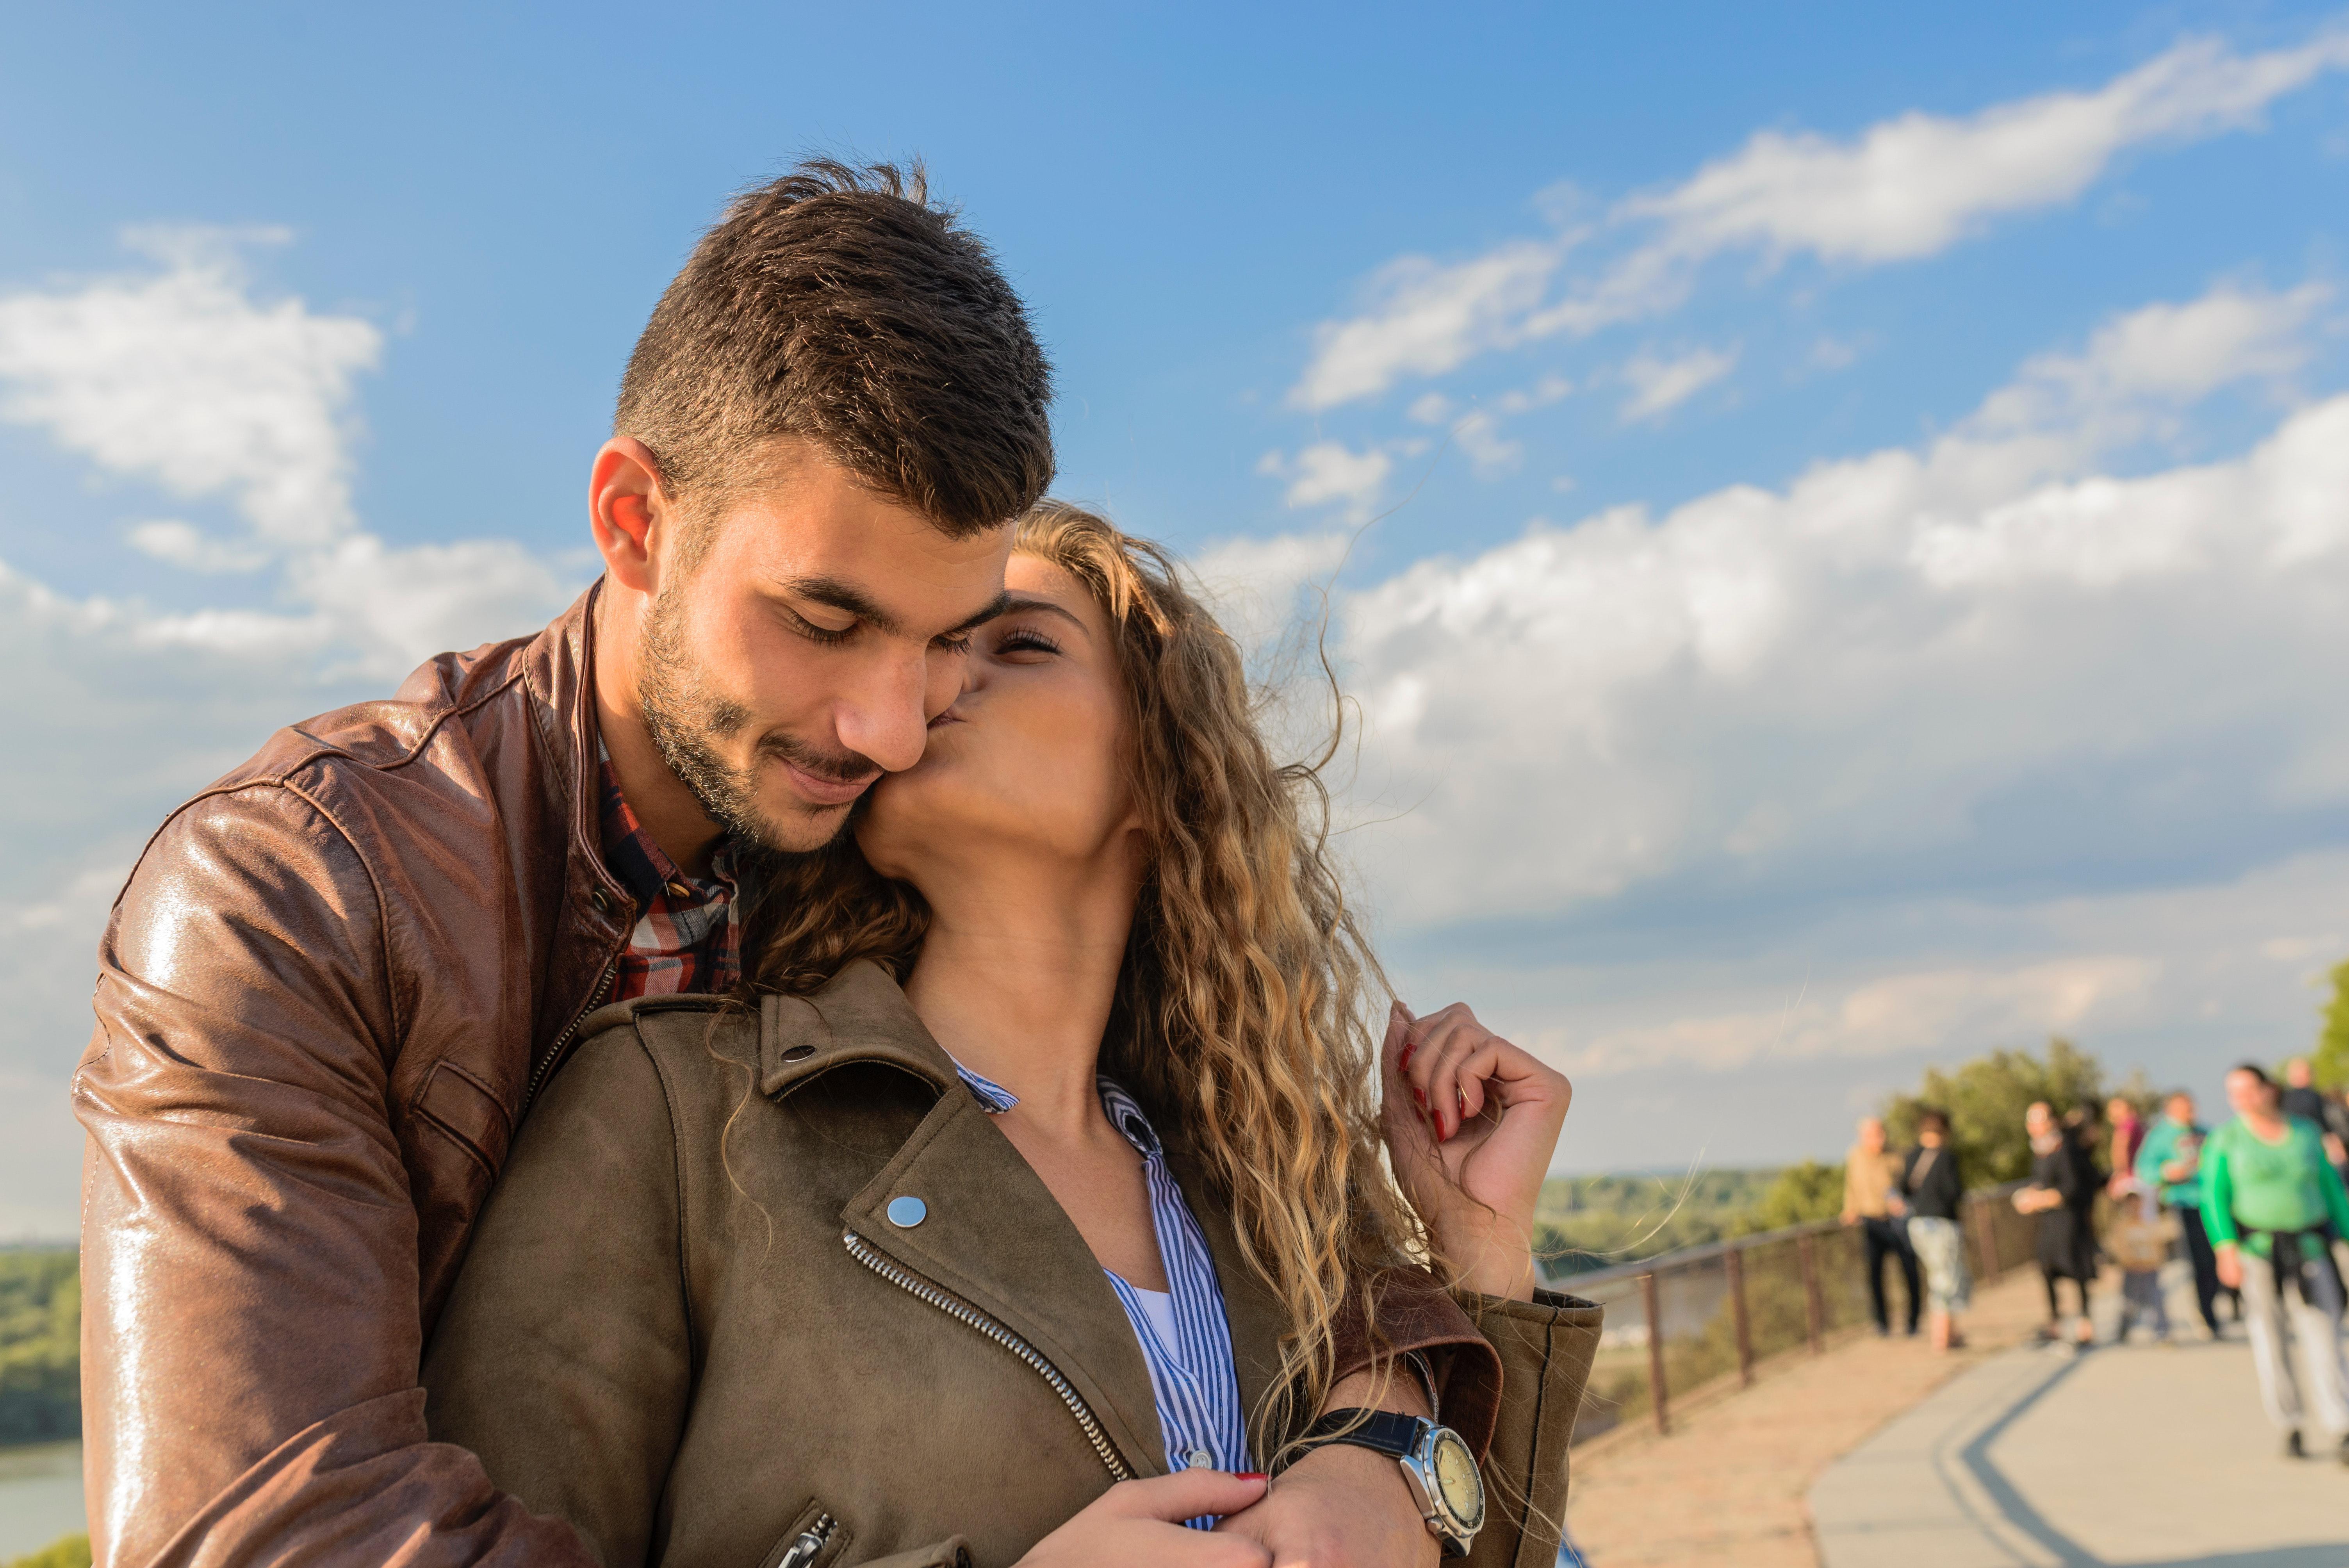 Short essay on online dating